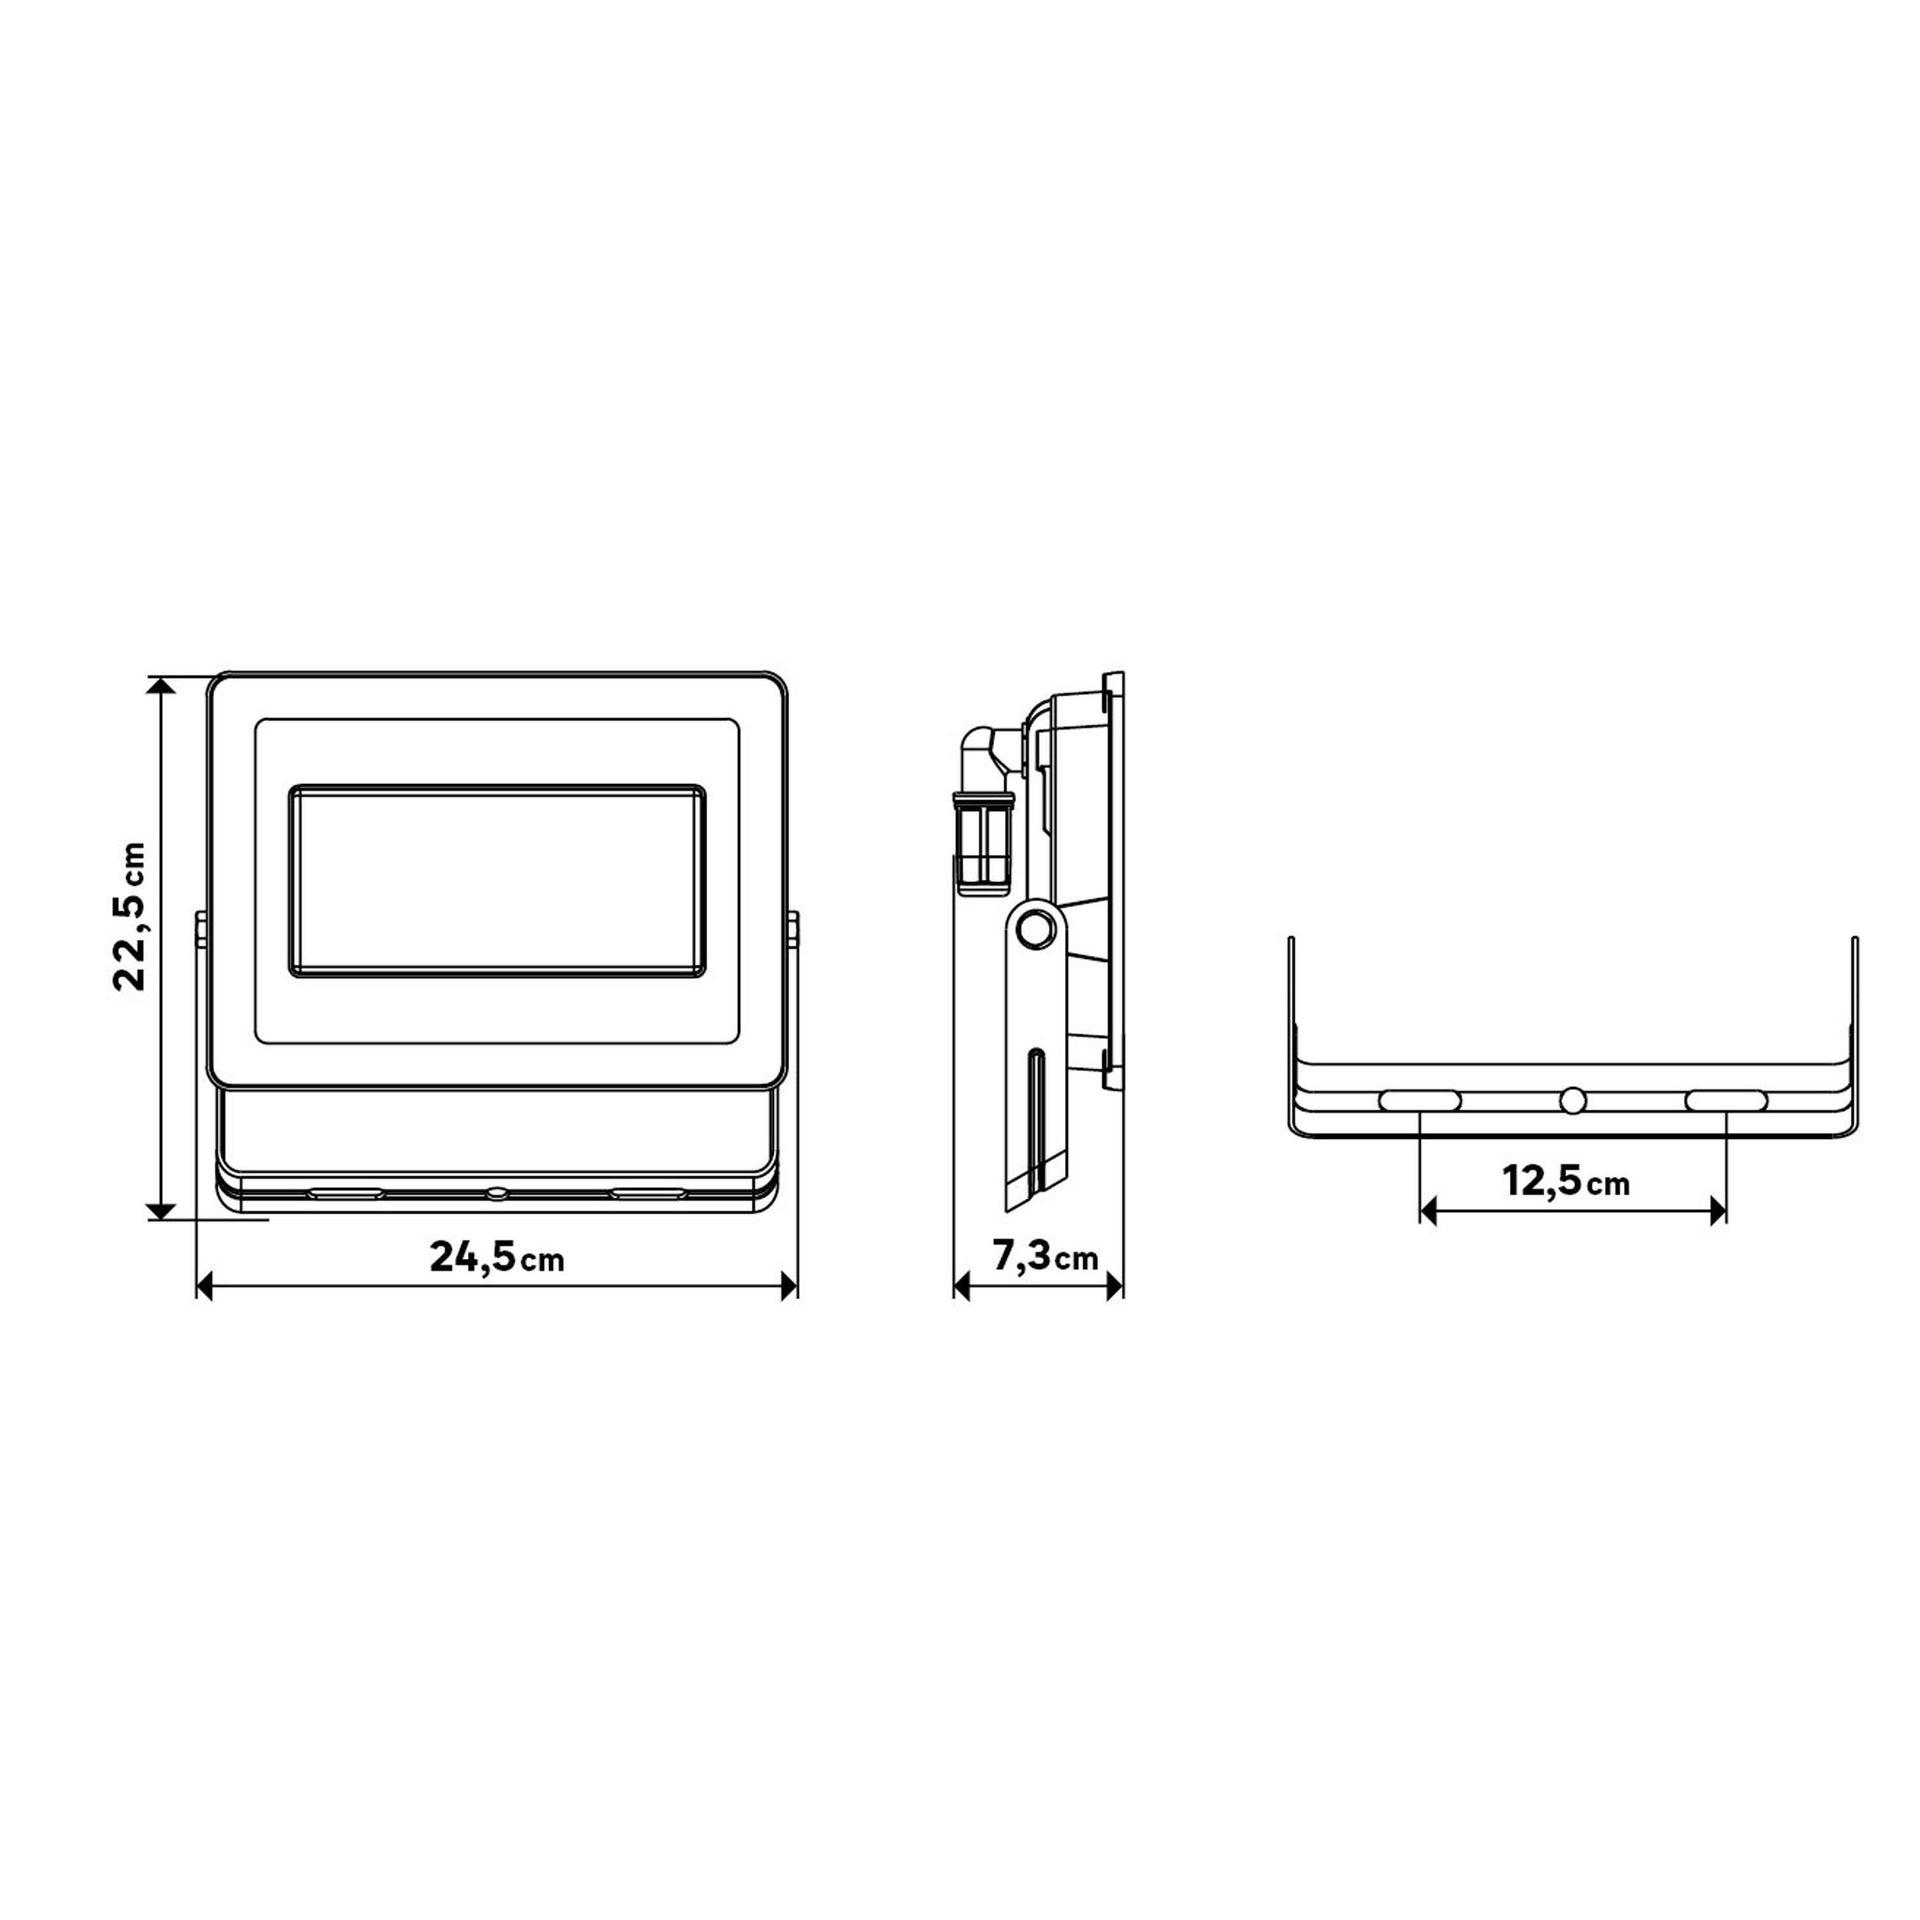 Proiettore LED integrato Yonkers in alluminio, antracite, 100W 6500LM IP65 INSPIRE - 7